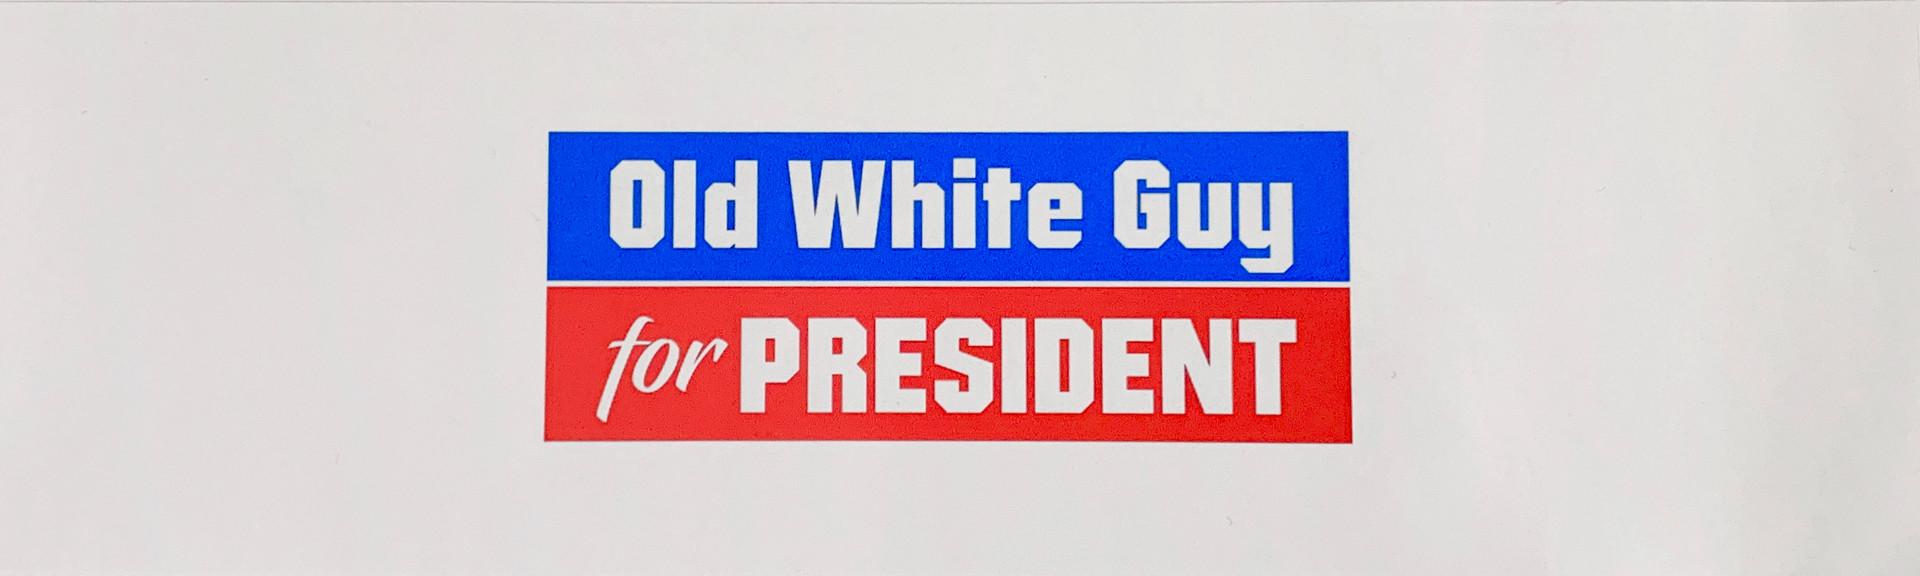 Old White Guy for President